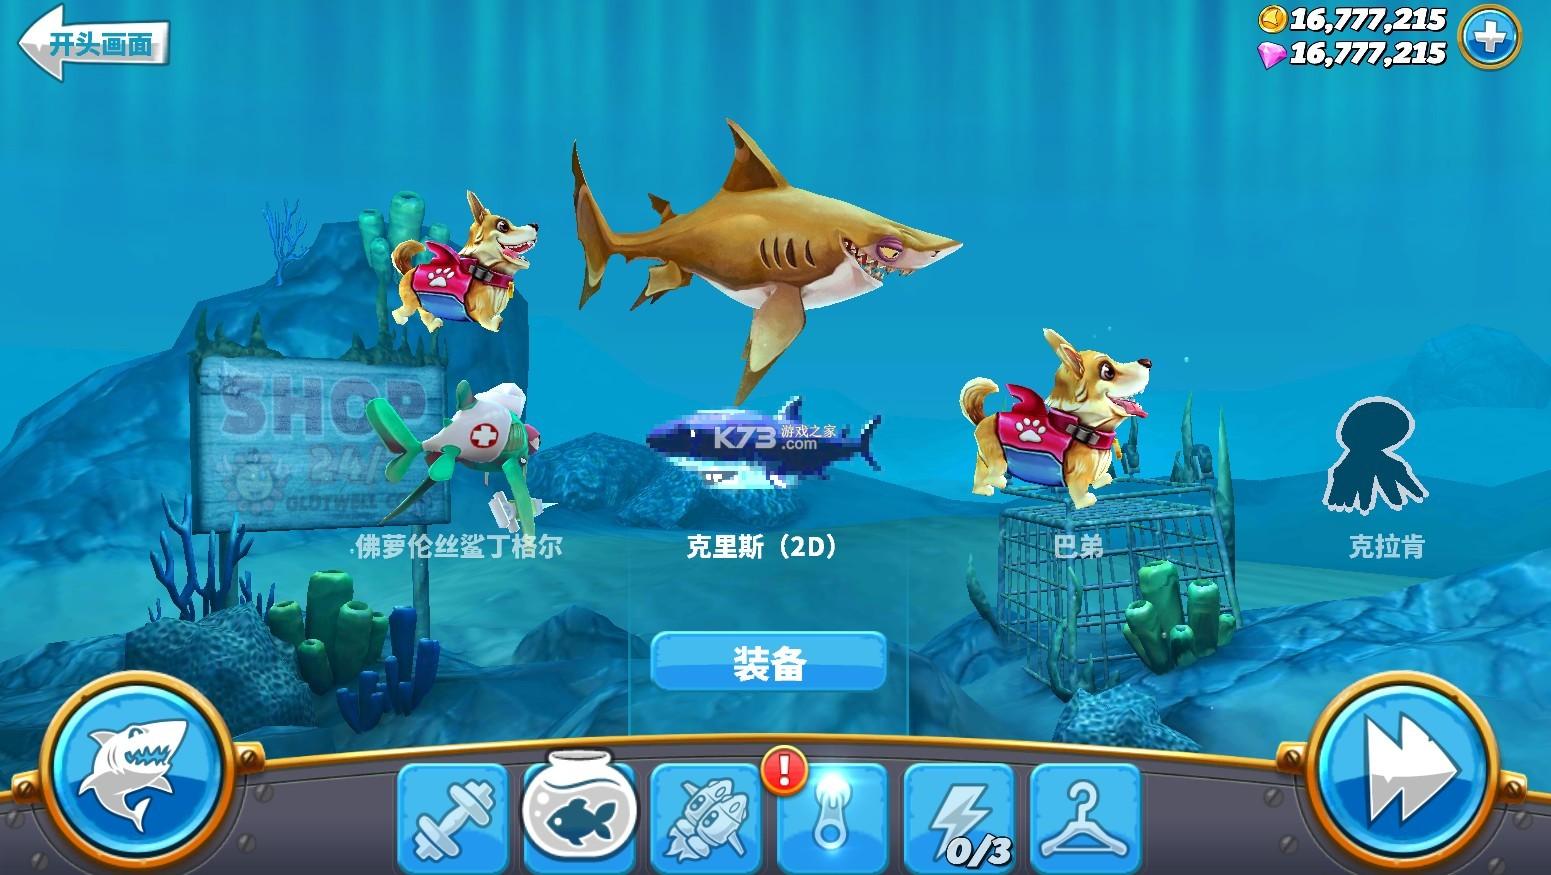 饥饿鲨世界 v4.1.2 最新破解版无限钻石和金币 截图